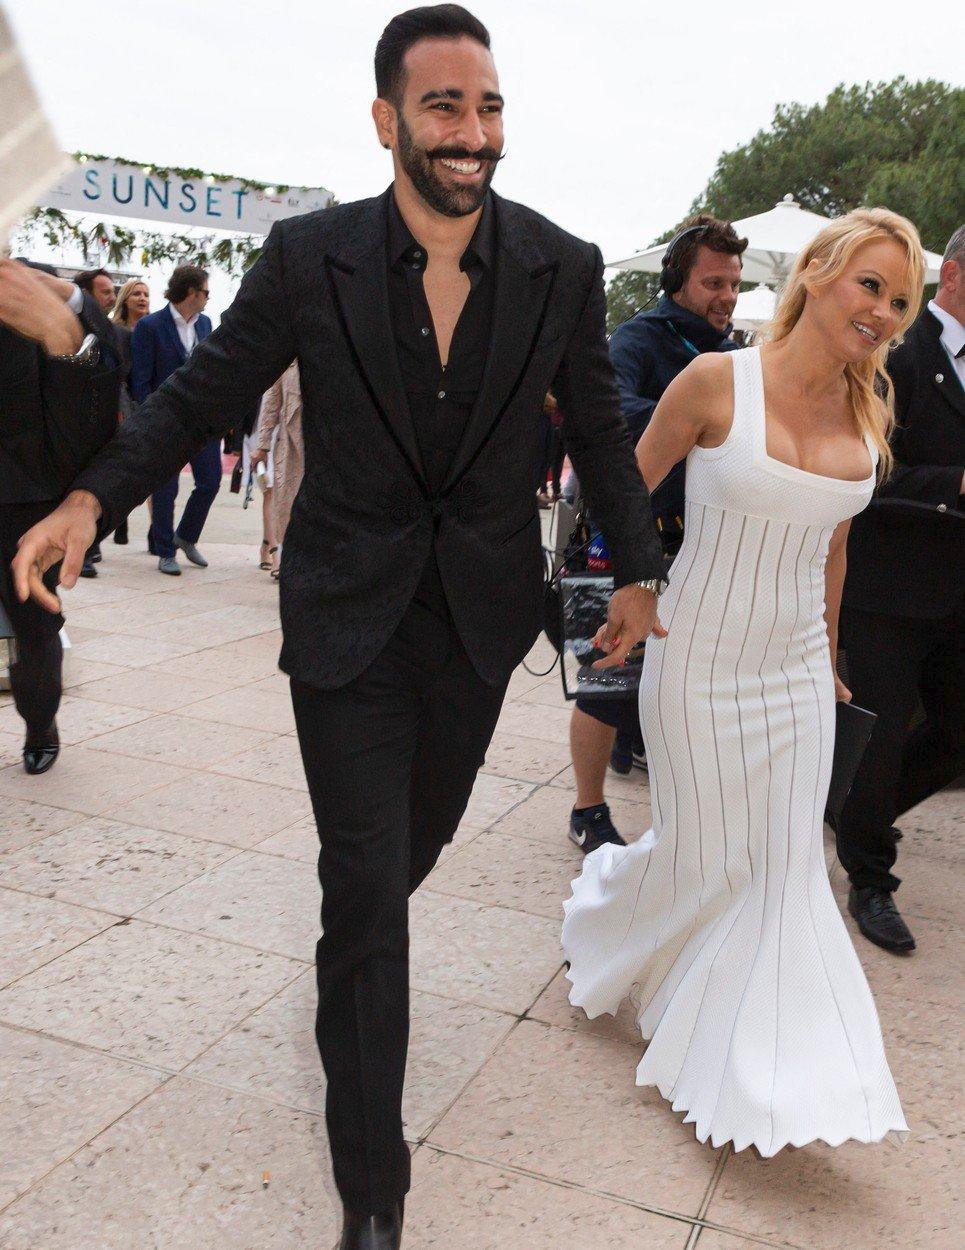 Vztah Pamely Andersonové a fotbalisty Adila Ramiho trval dva roky a skončil velkou lží